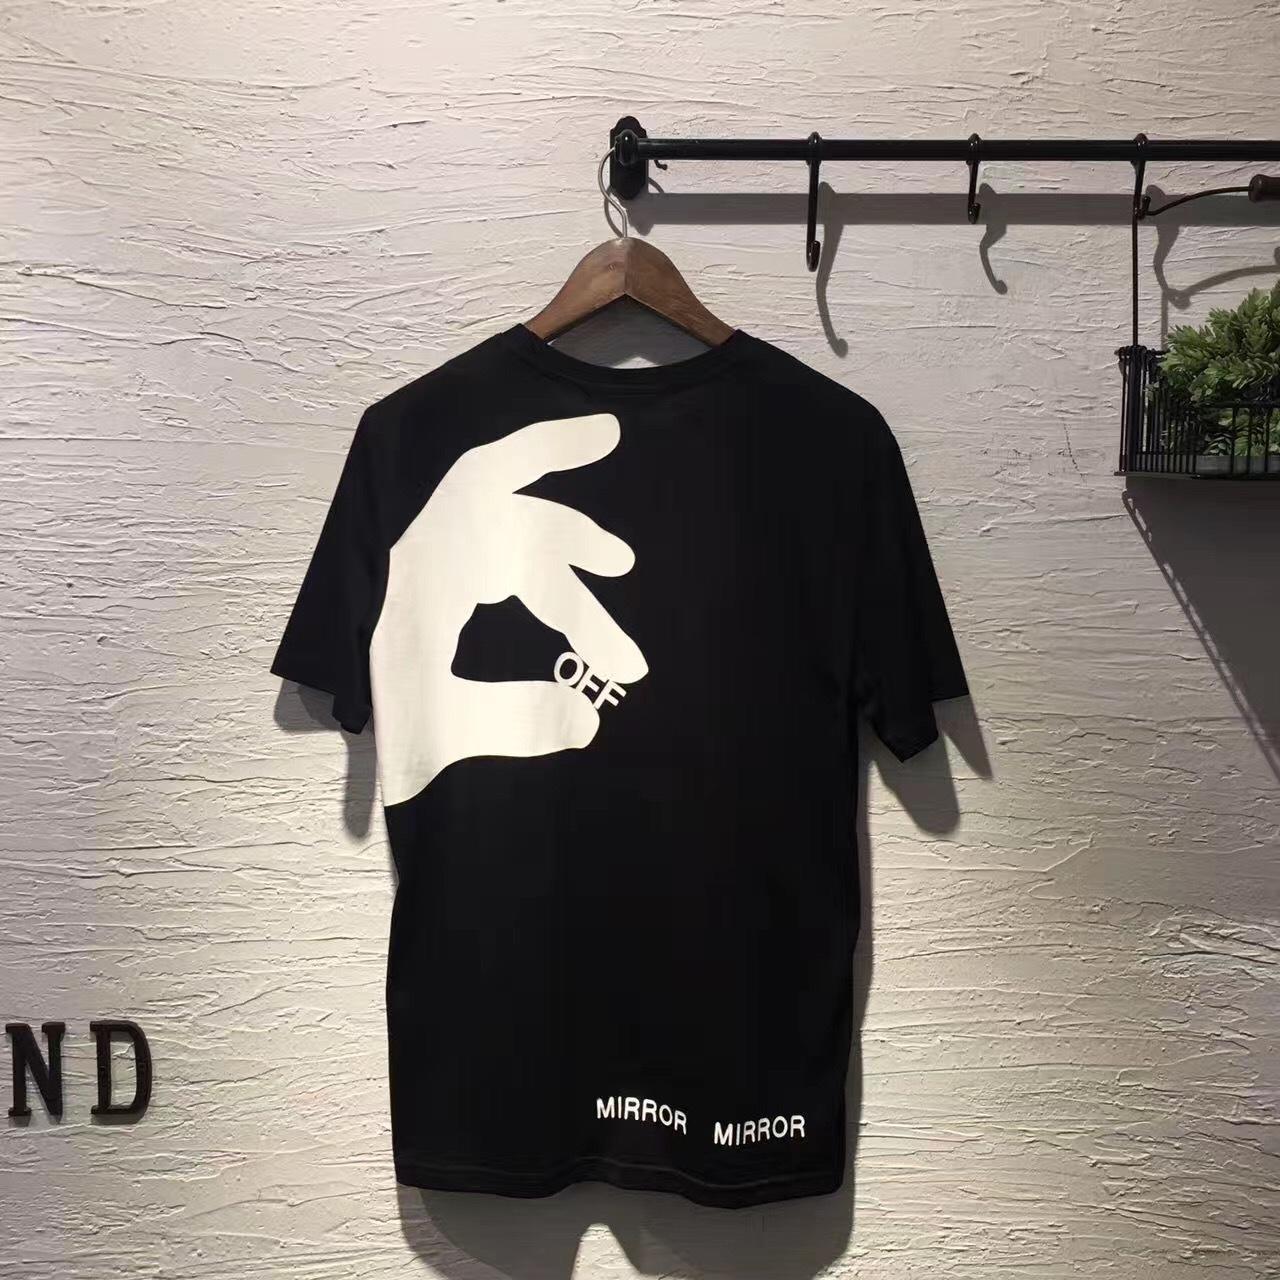 2020 New Arrival Moda Vestuário Curto O pescoço Off Casual T Shirt Men Hip Hop T-shirt Printing Cotton T-shirt Verão Tops Tees MX200611